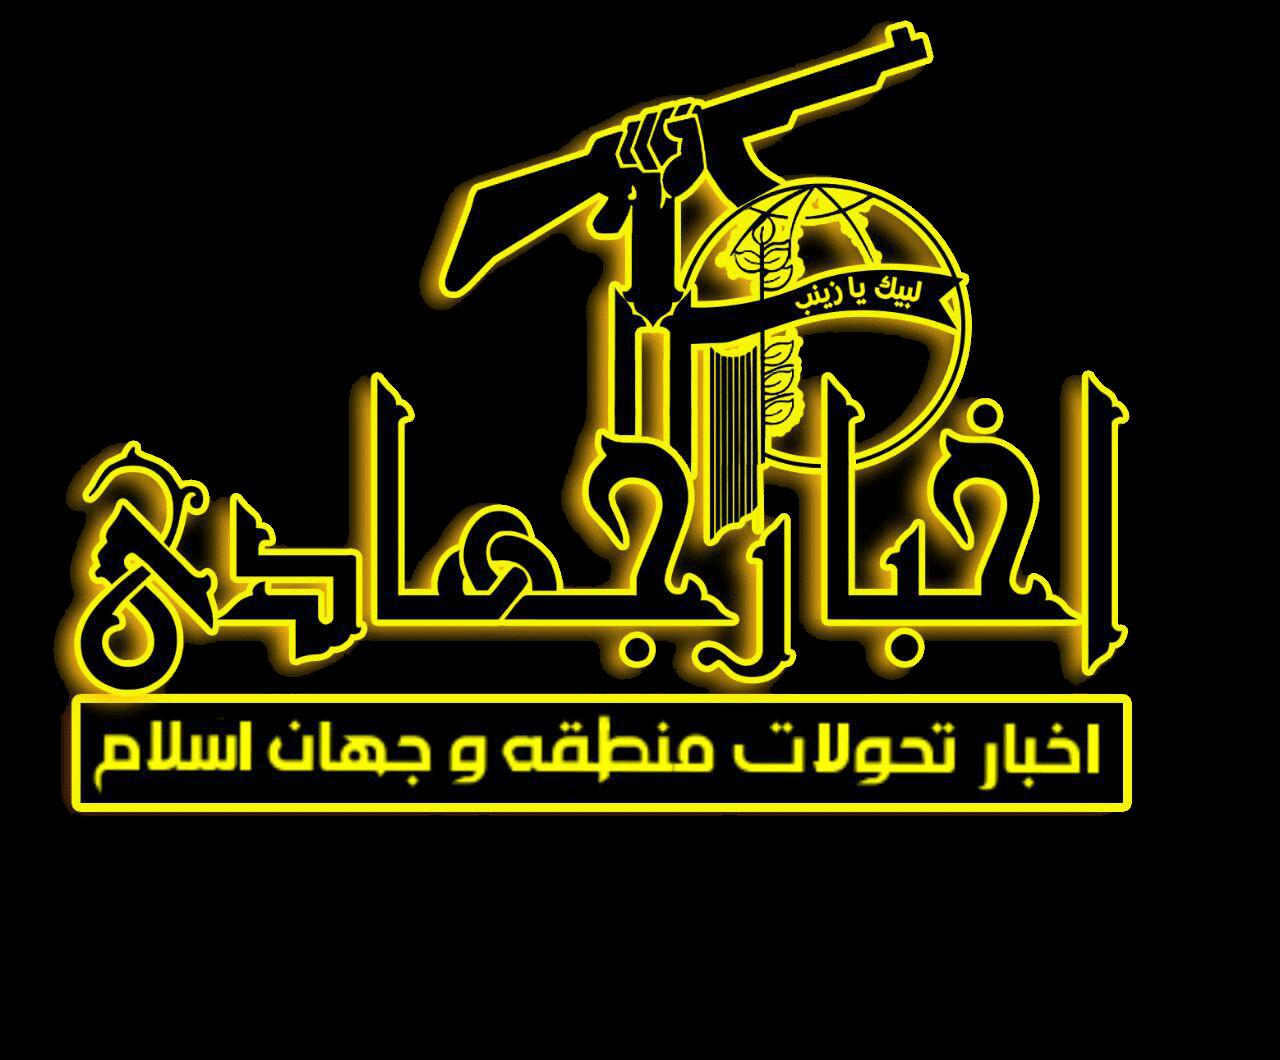 فوری – هلاکت فرمانده گروه تروریستی احرارالشام